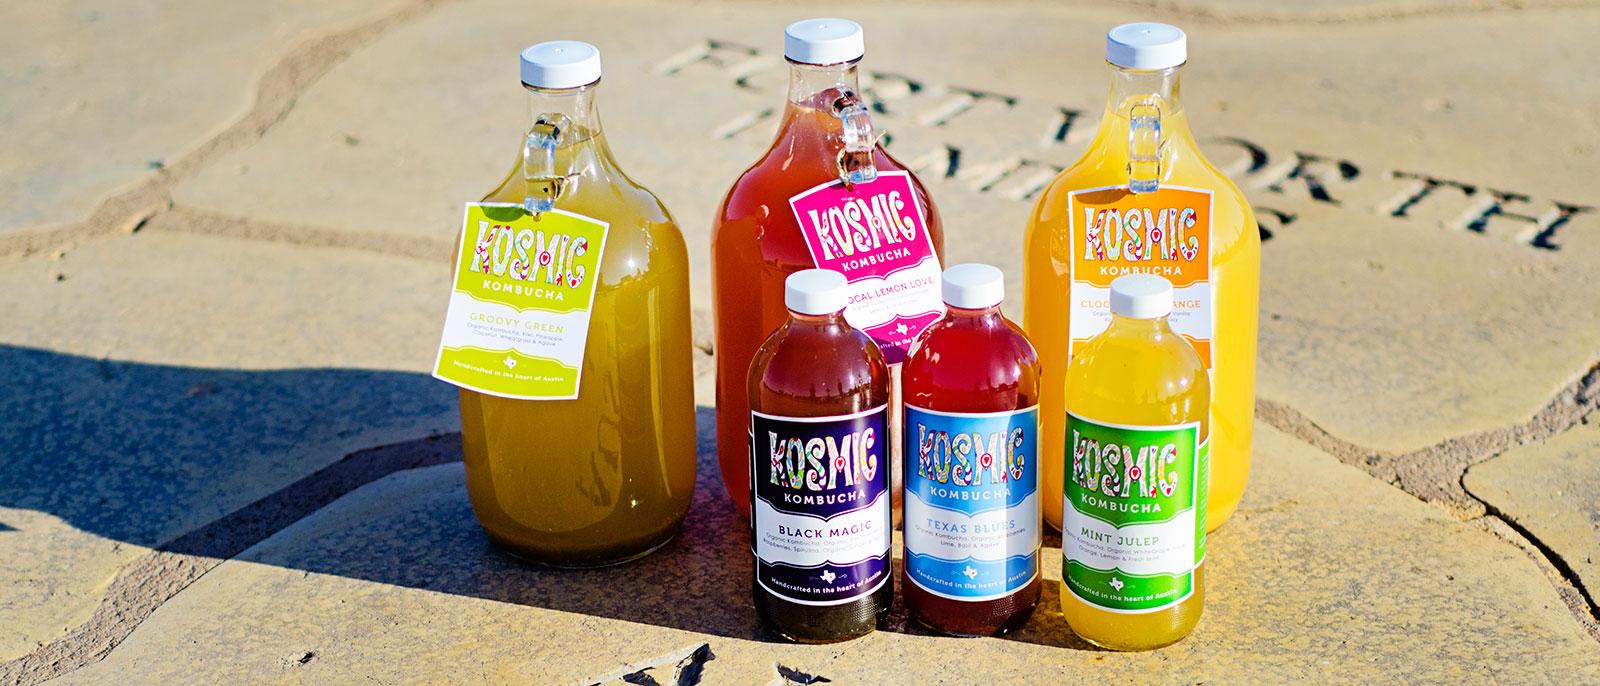 Big and Little Kosmic Kombucha Bottles